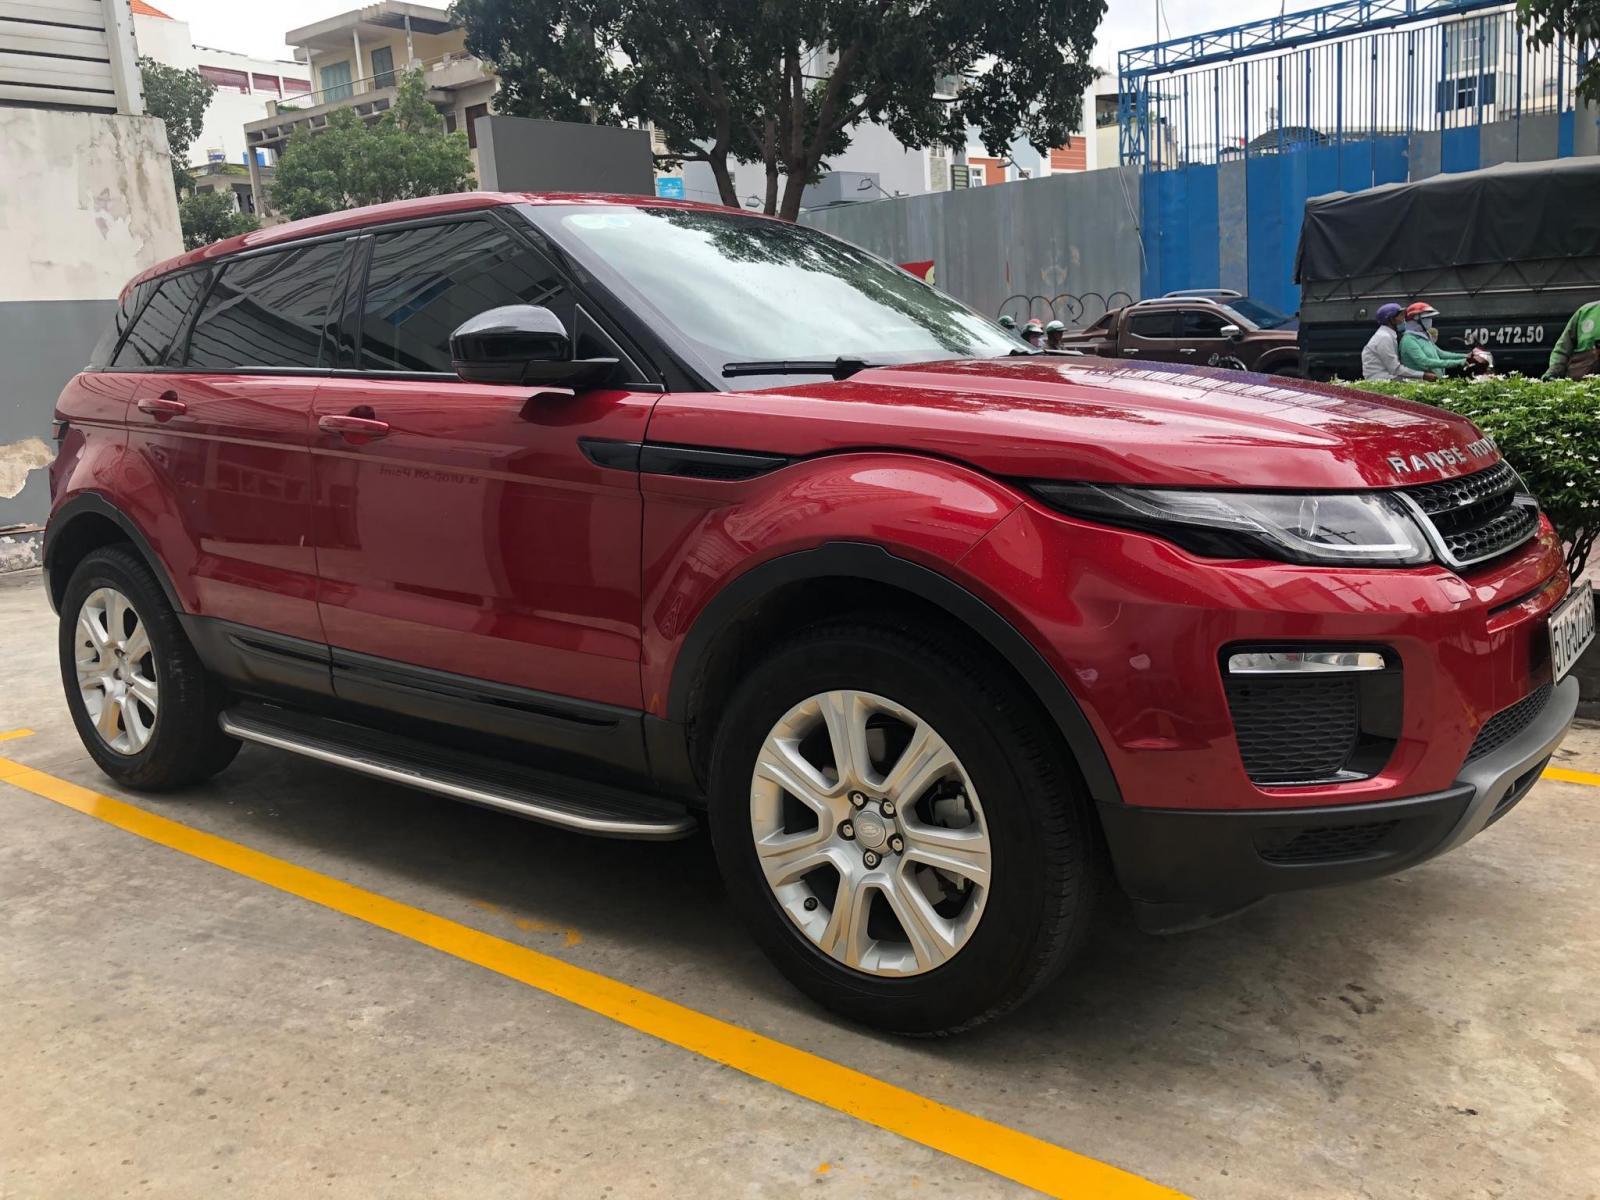 Bán Range Rover Evoque màu đỏ, xám, xanh đen 2017 - 0918842662, giá tốt nhất